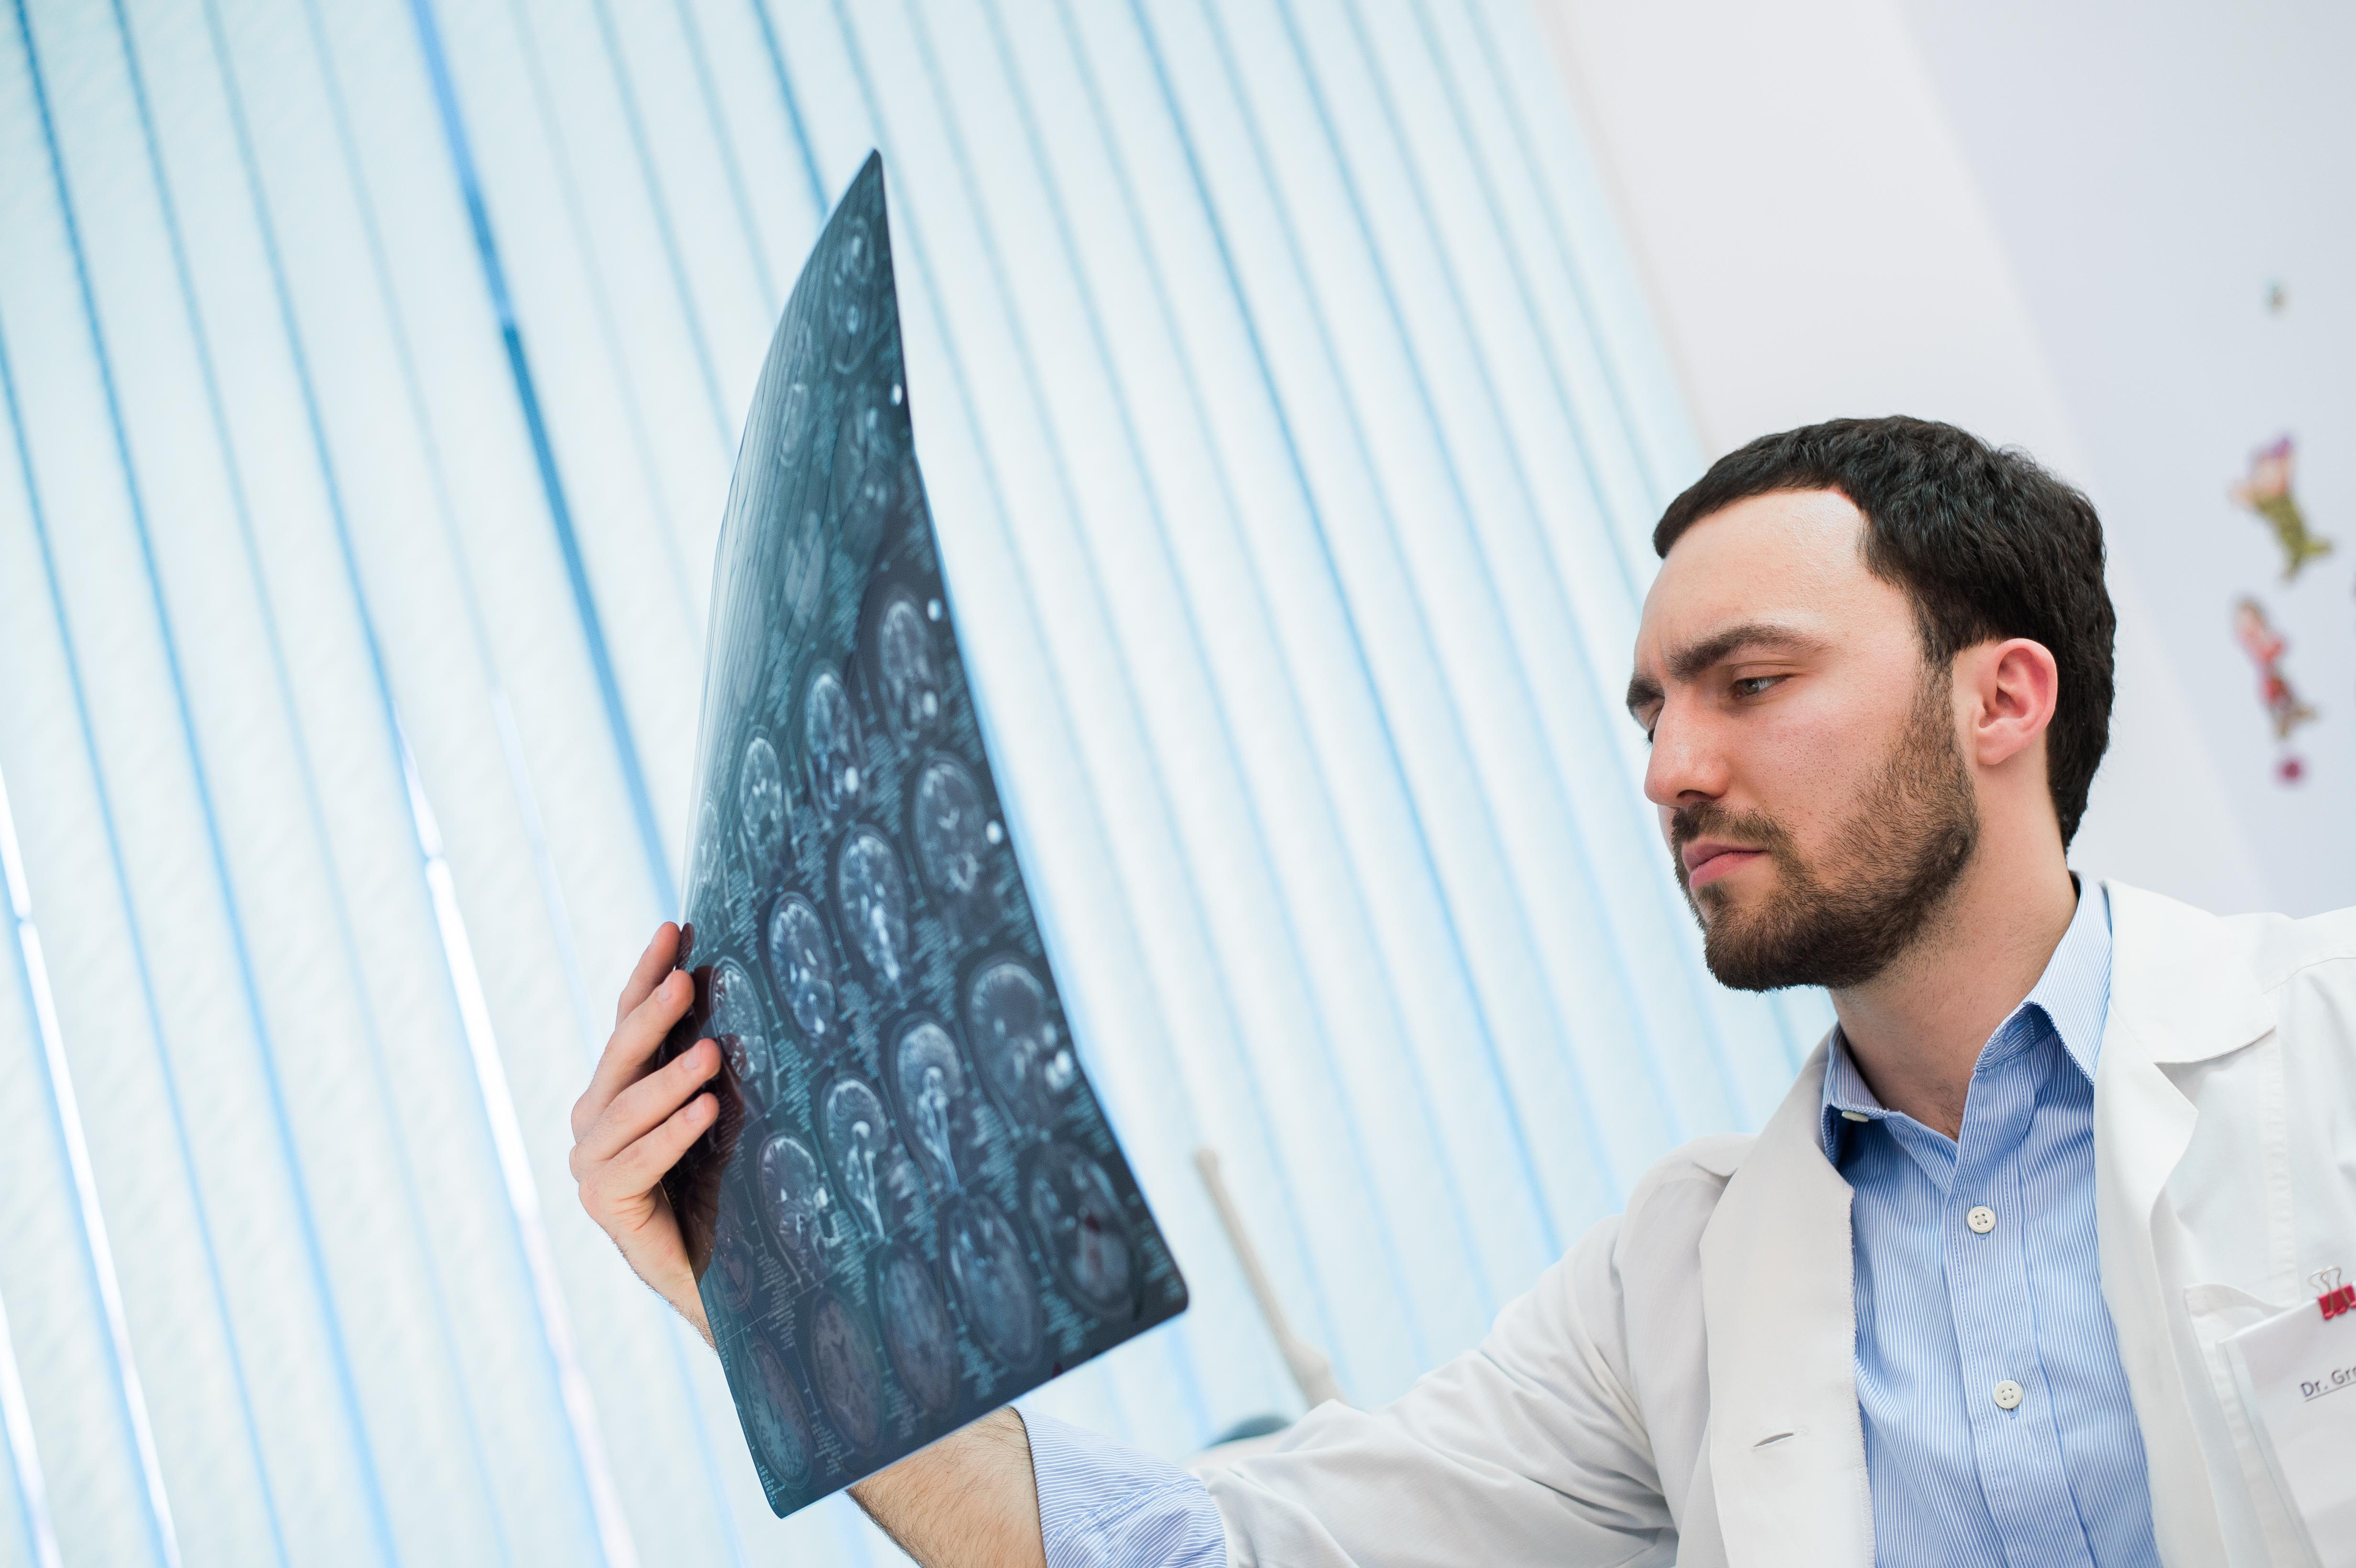 Man looking at MRI images